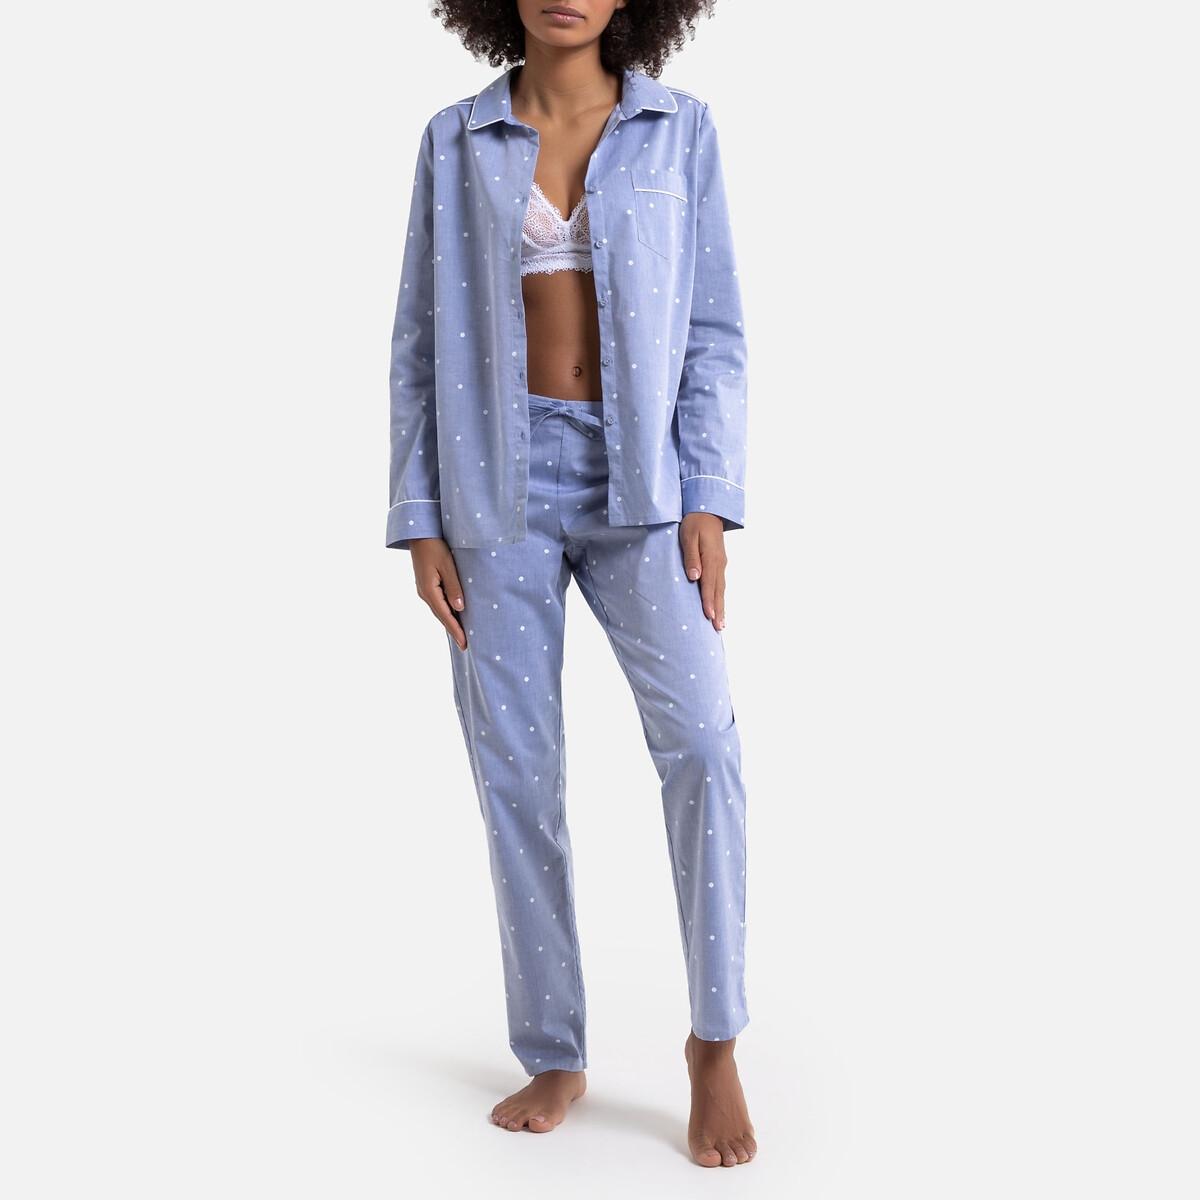 Pijama de tejido chambray estampado de lunares